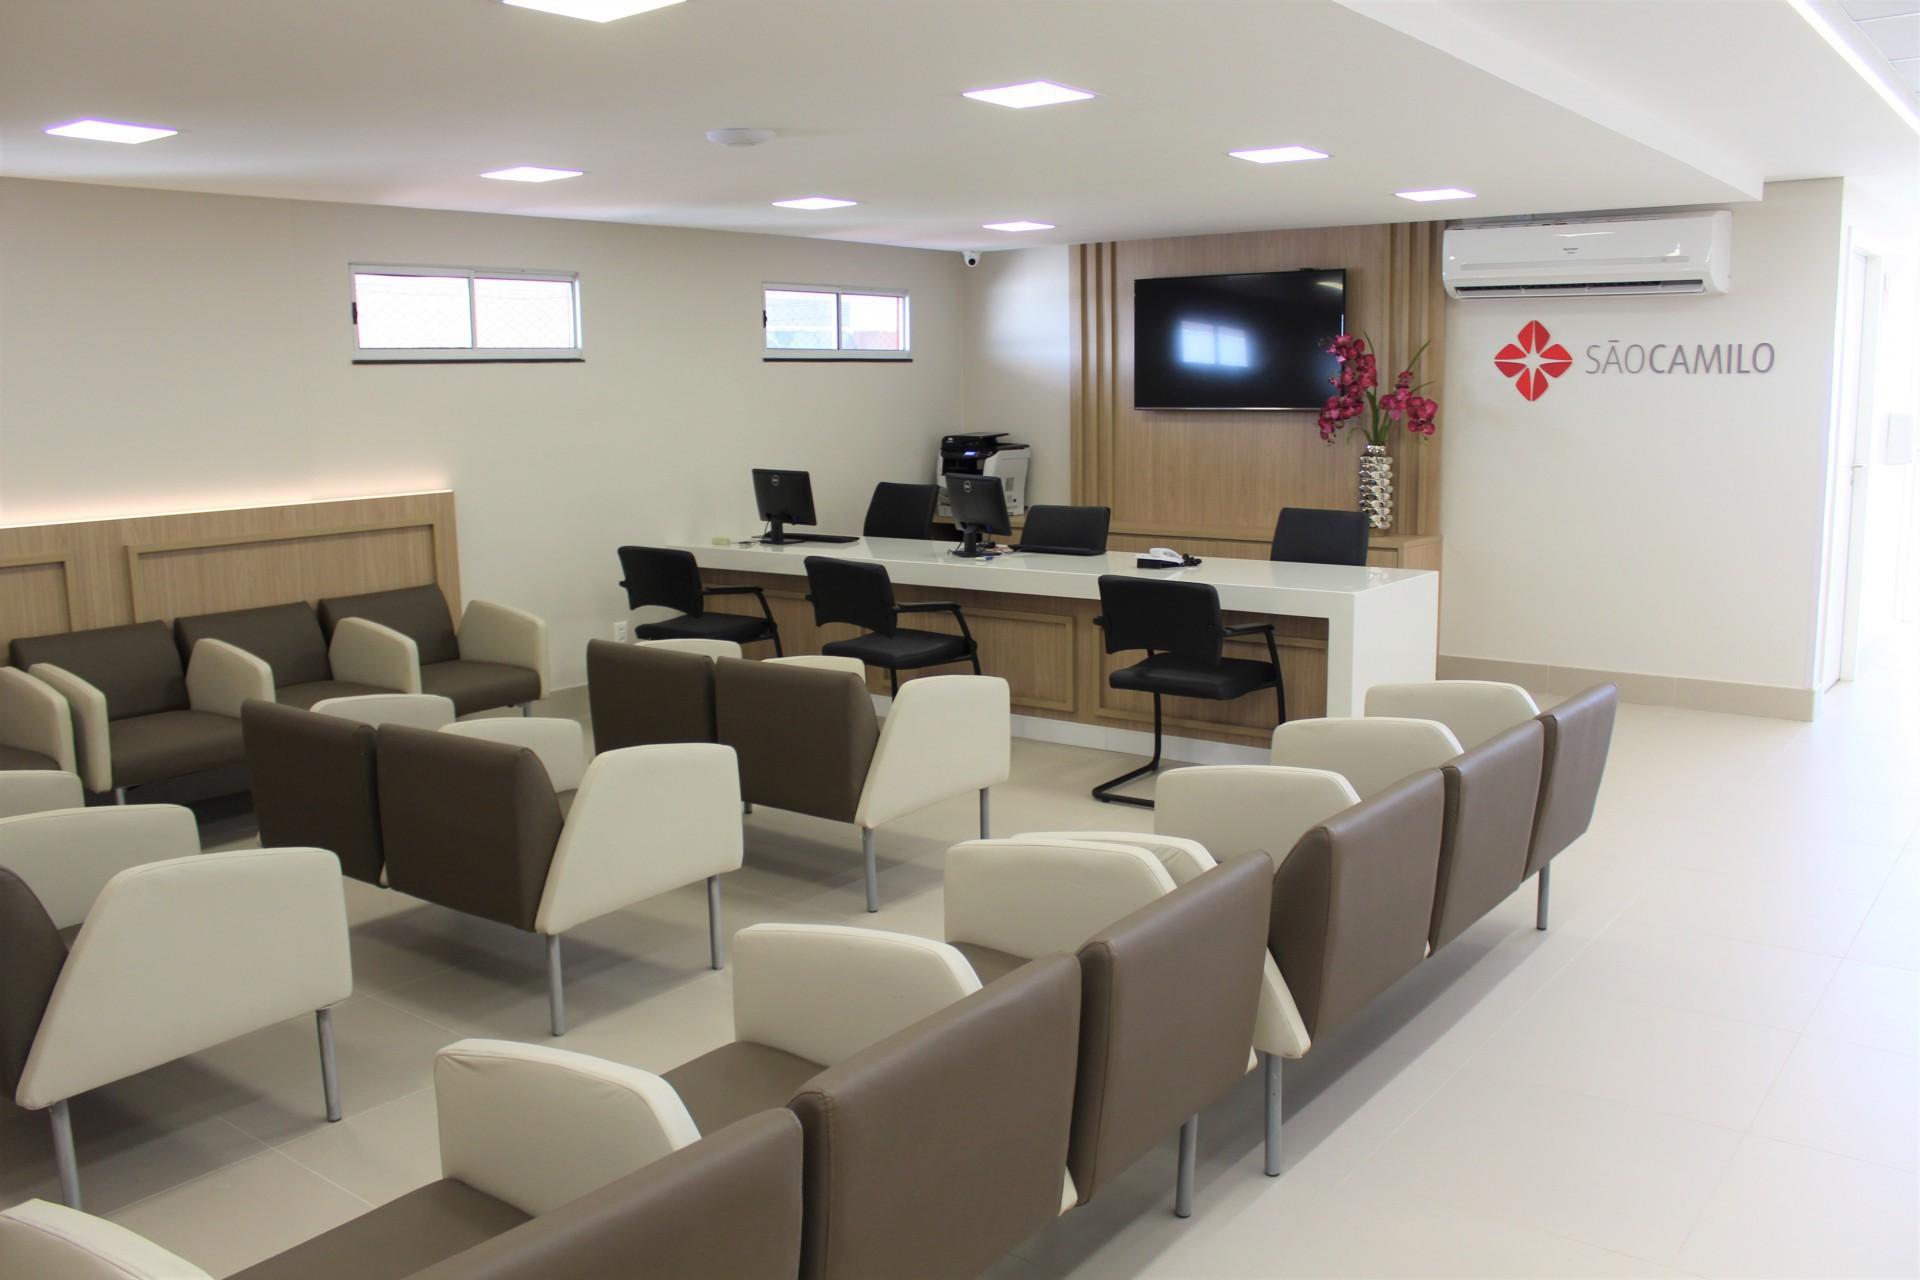 Por ser em uma área separada do hospital, os clientes do Centro de Especialidade Médicas também podem ficar ainda mais seguros em relação ao risco de contaminação por coronavírus